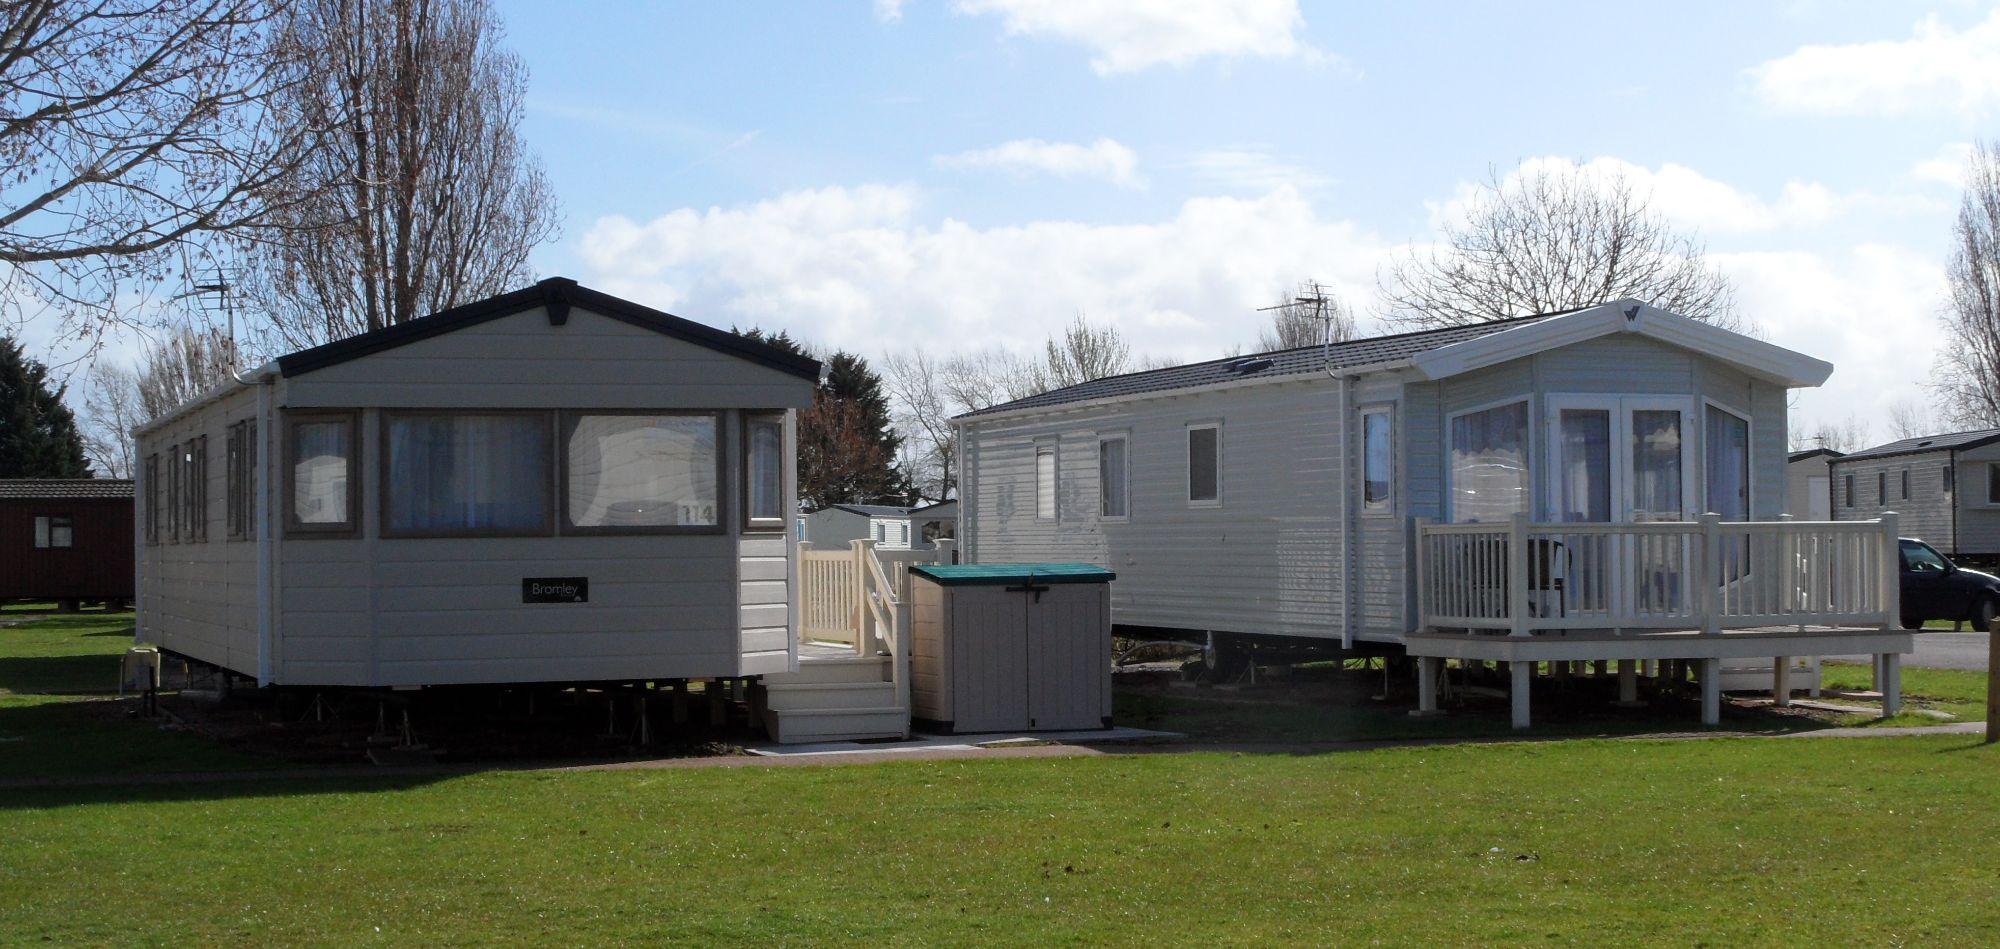 Butlins Minehead Caravans